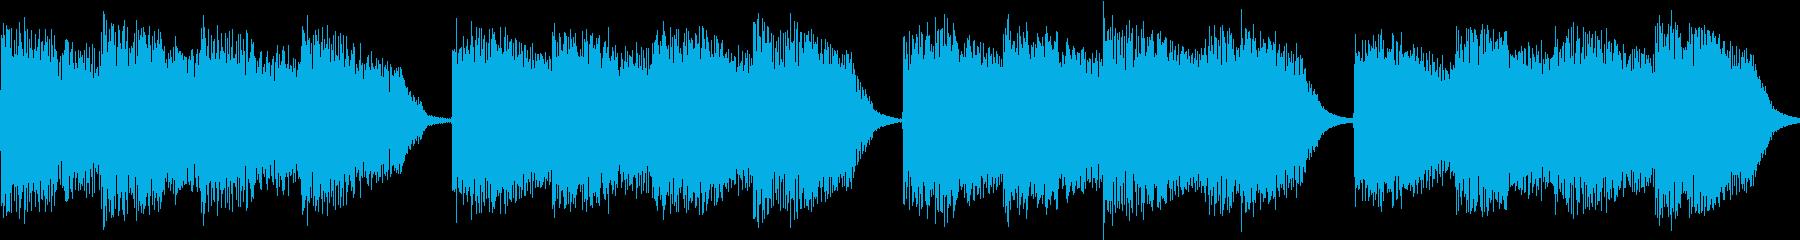 シンセ サイレン アナログ ピコピコ04の再生済みの波形